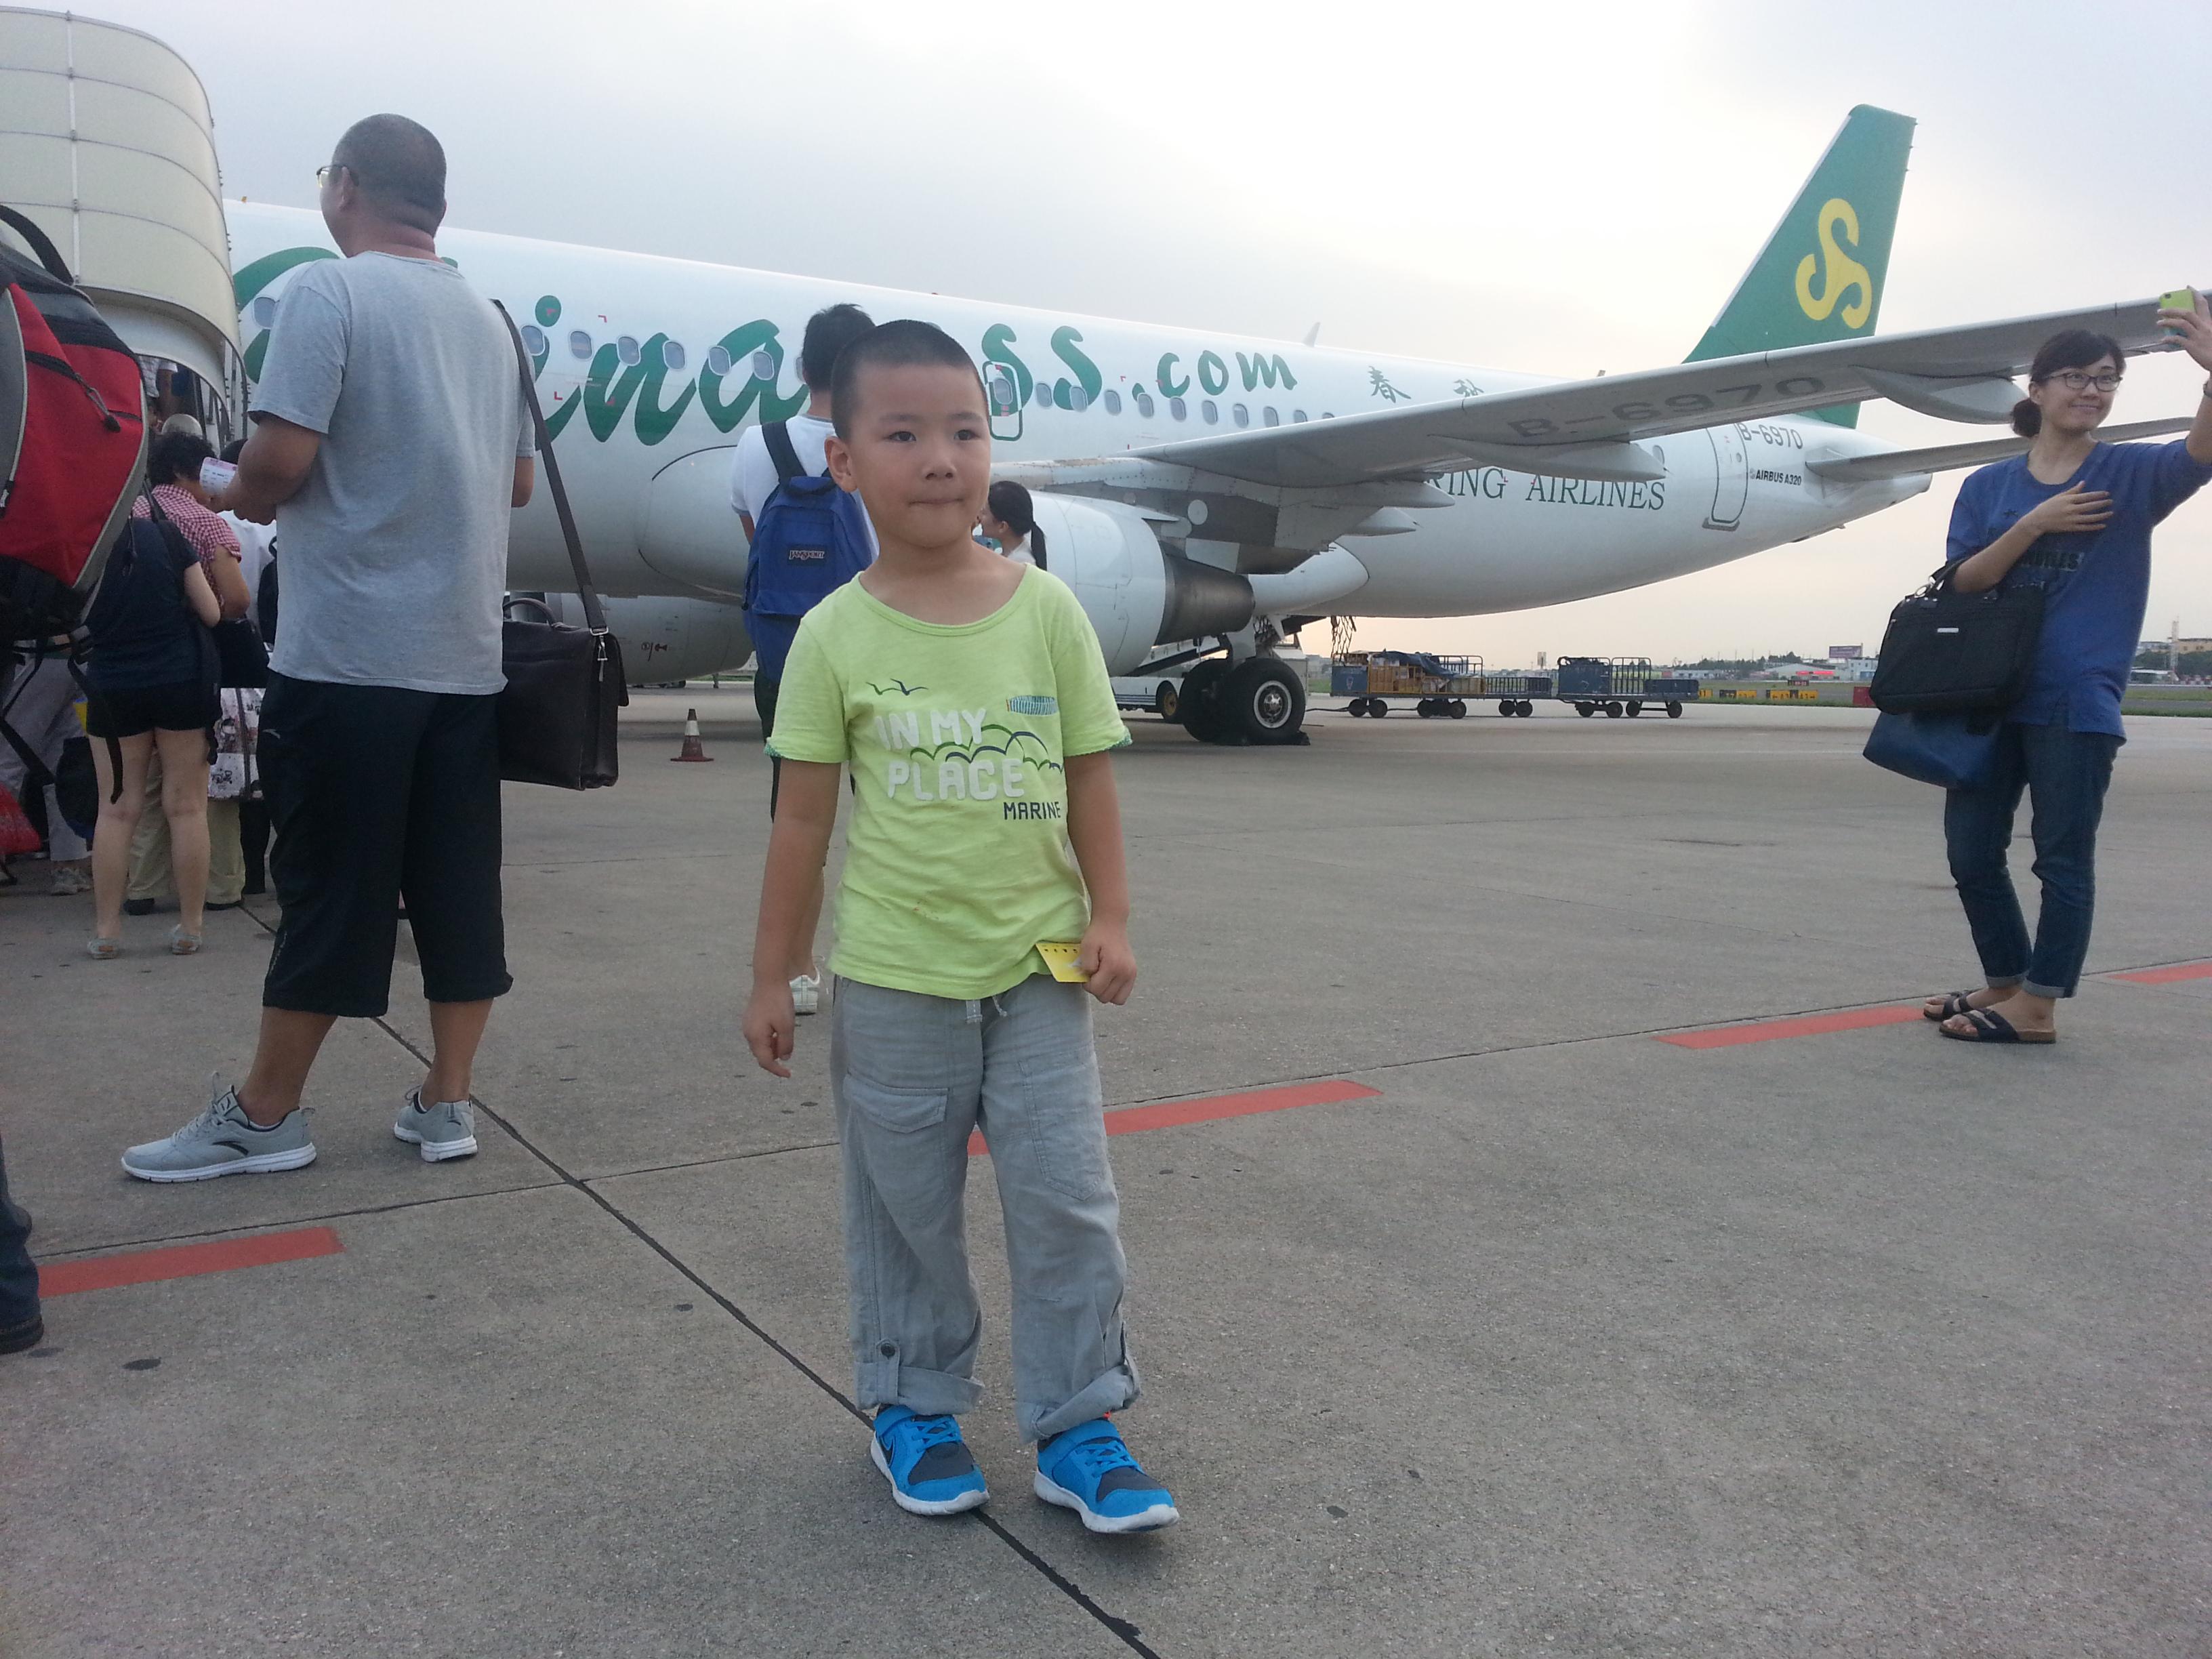 嘟嘟同学首次坐飞机